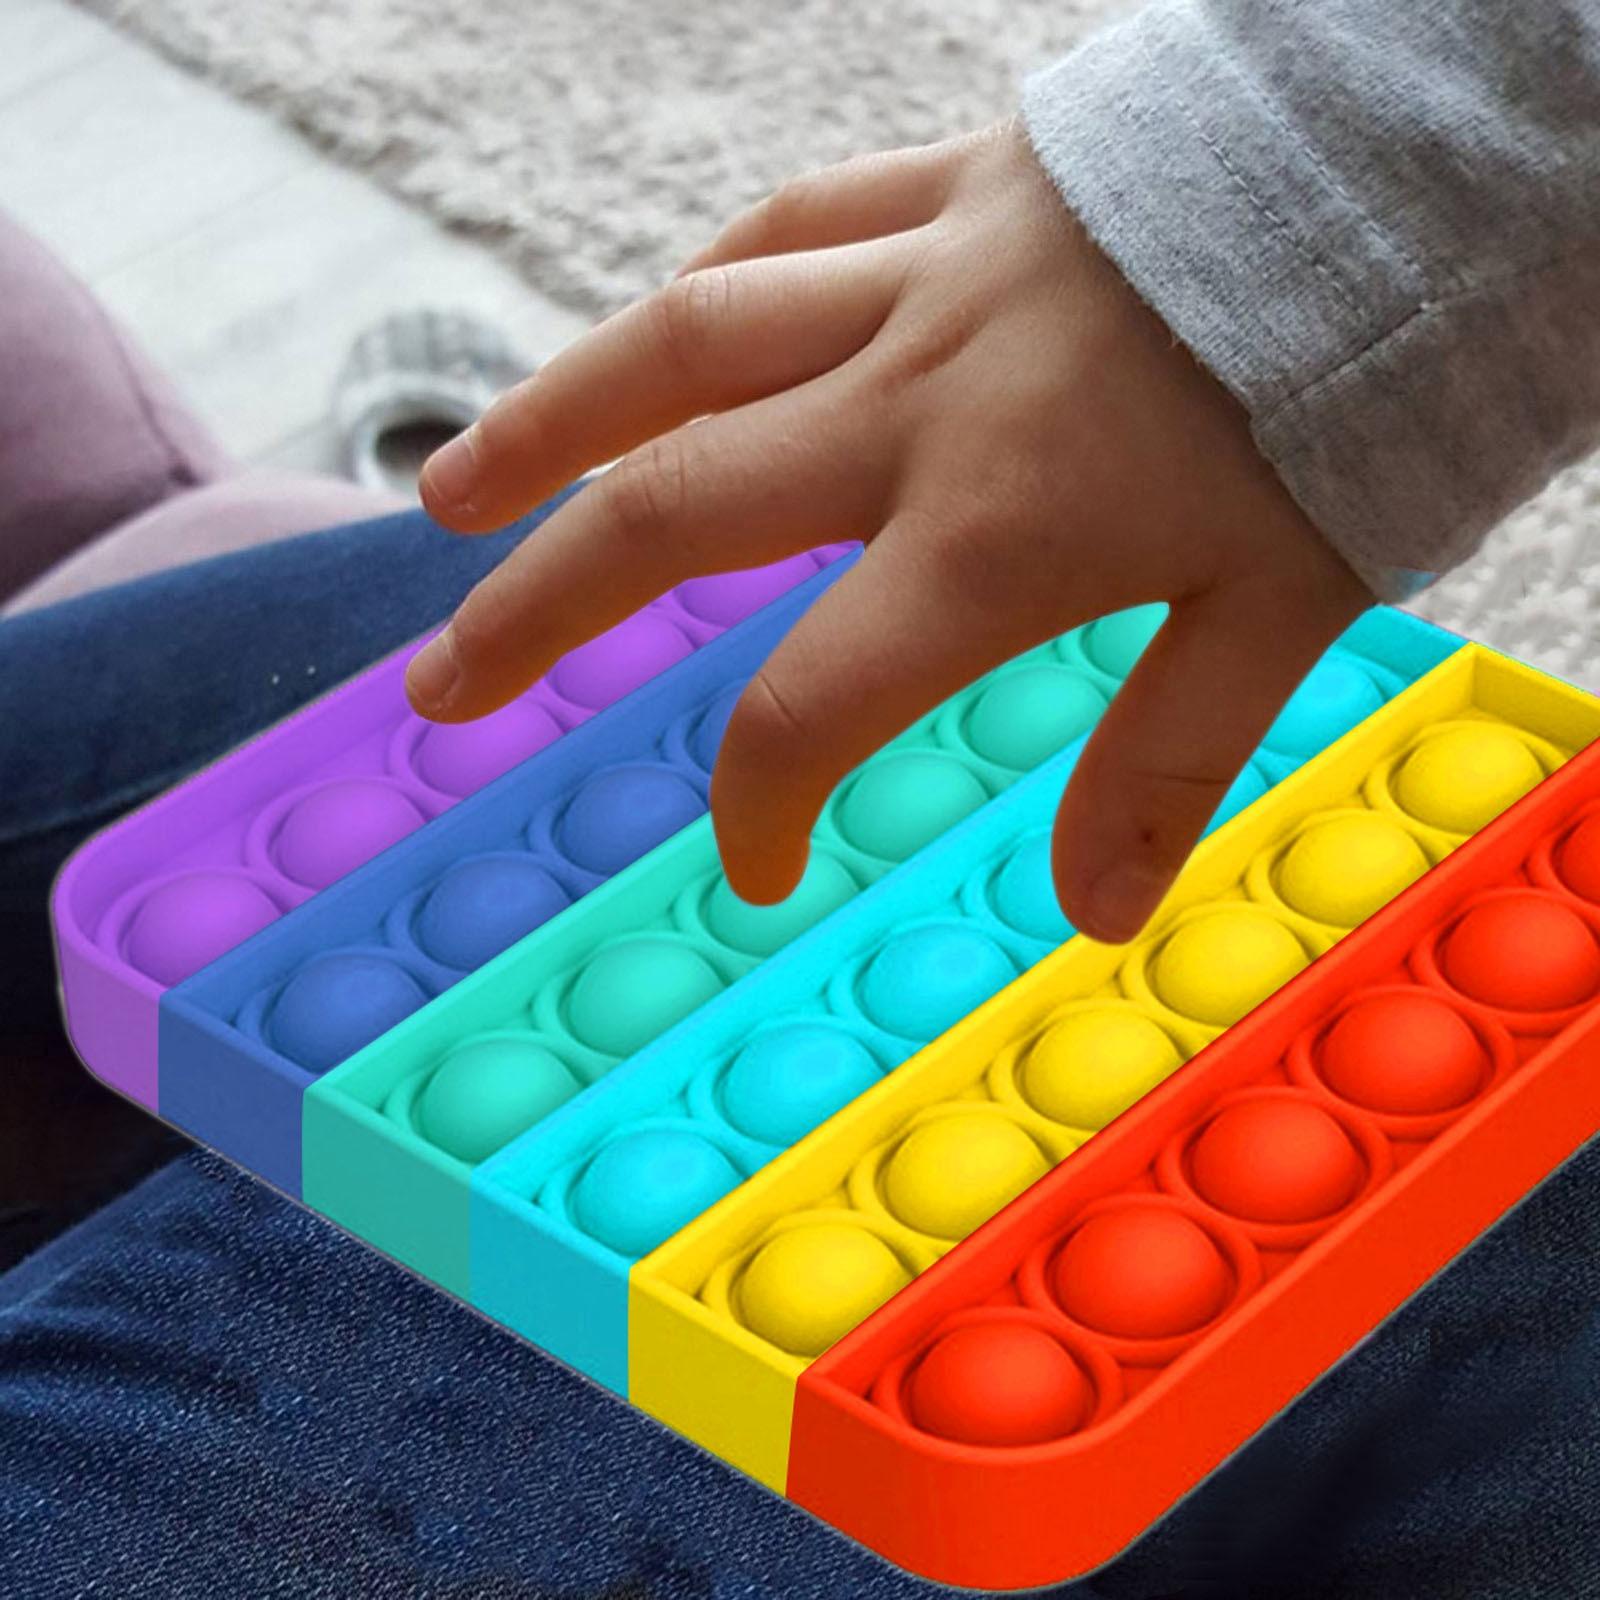 Забавные Popit игрушечный кубик для одеяло «хвост русалки» для взрослых детей пуш-ап пузырь Непоседа сенсорные игрушка для аутистов особые по...